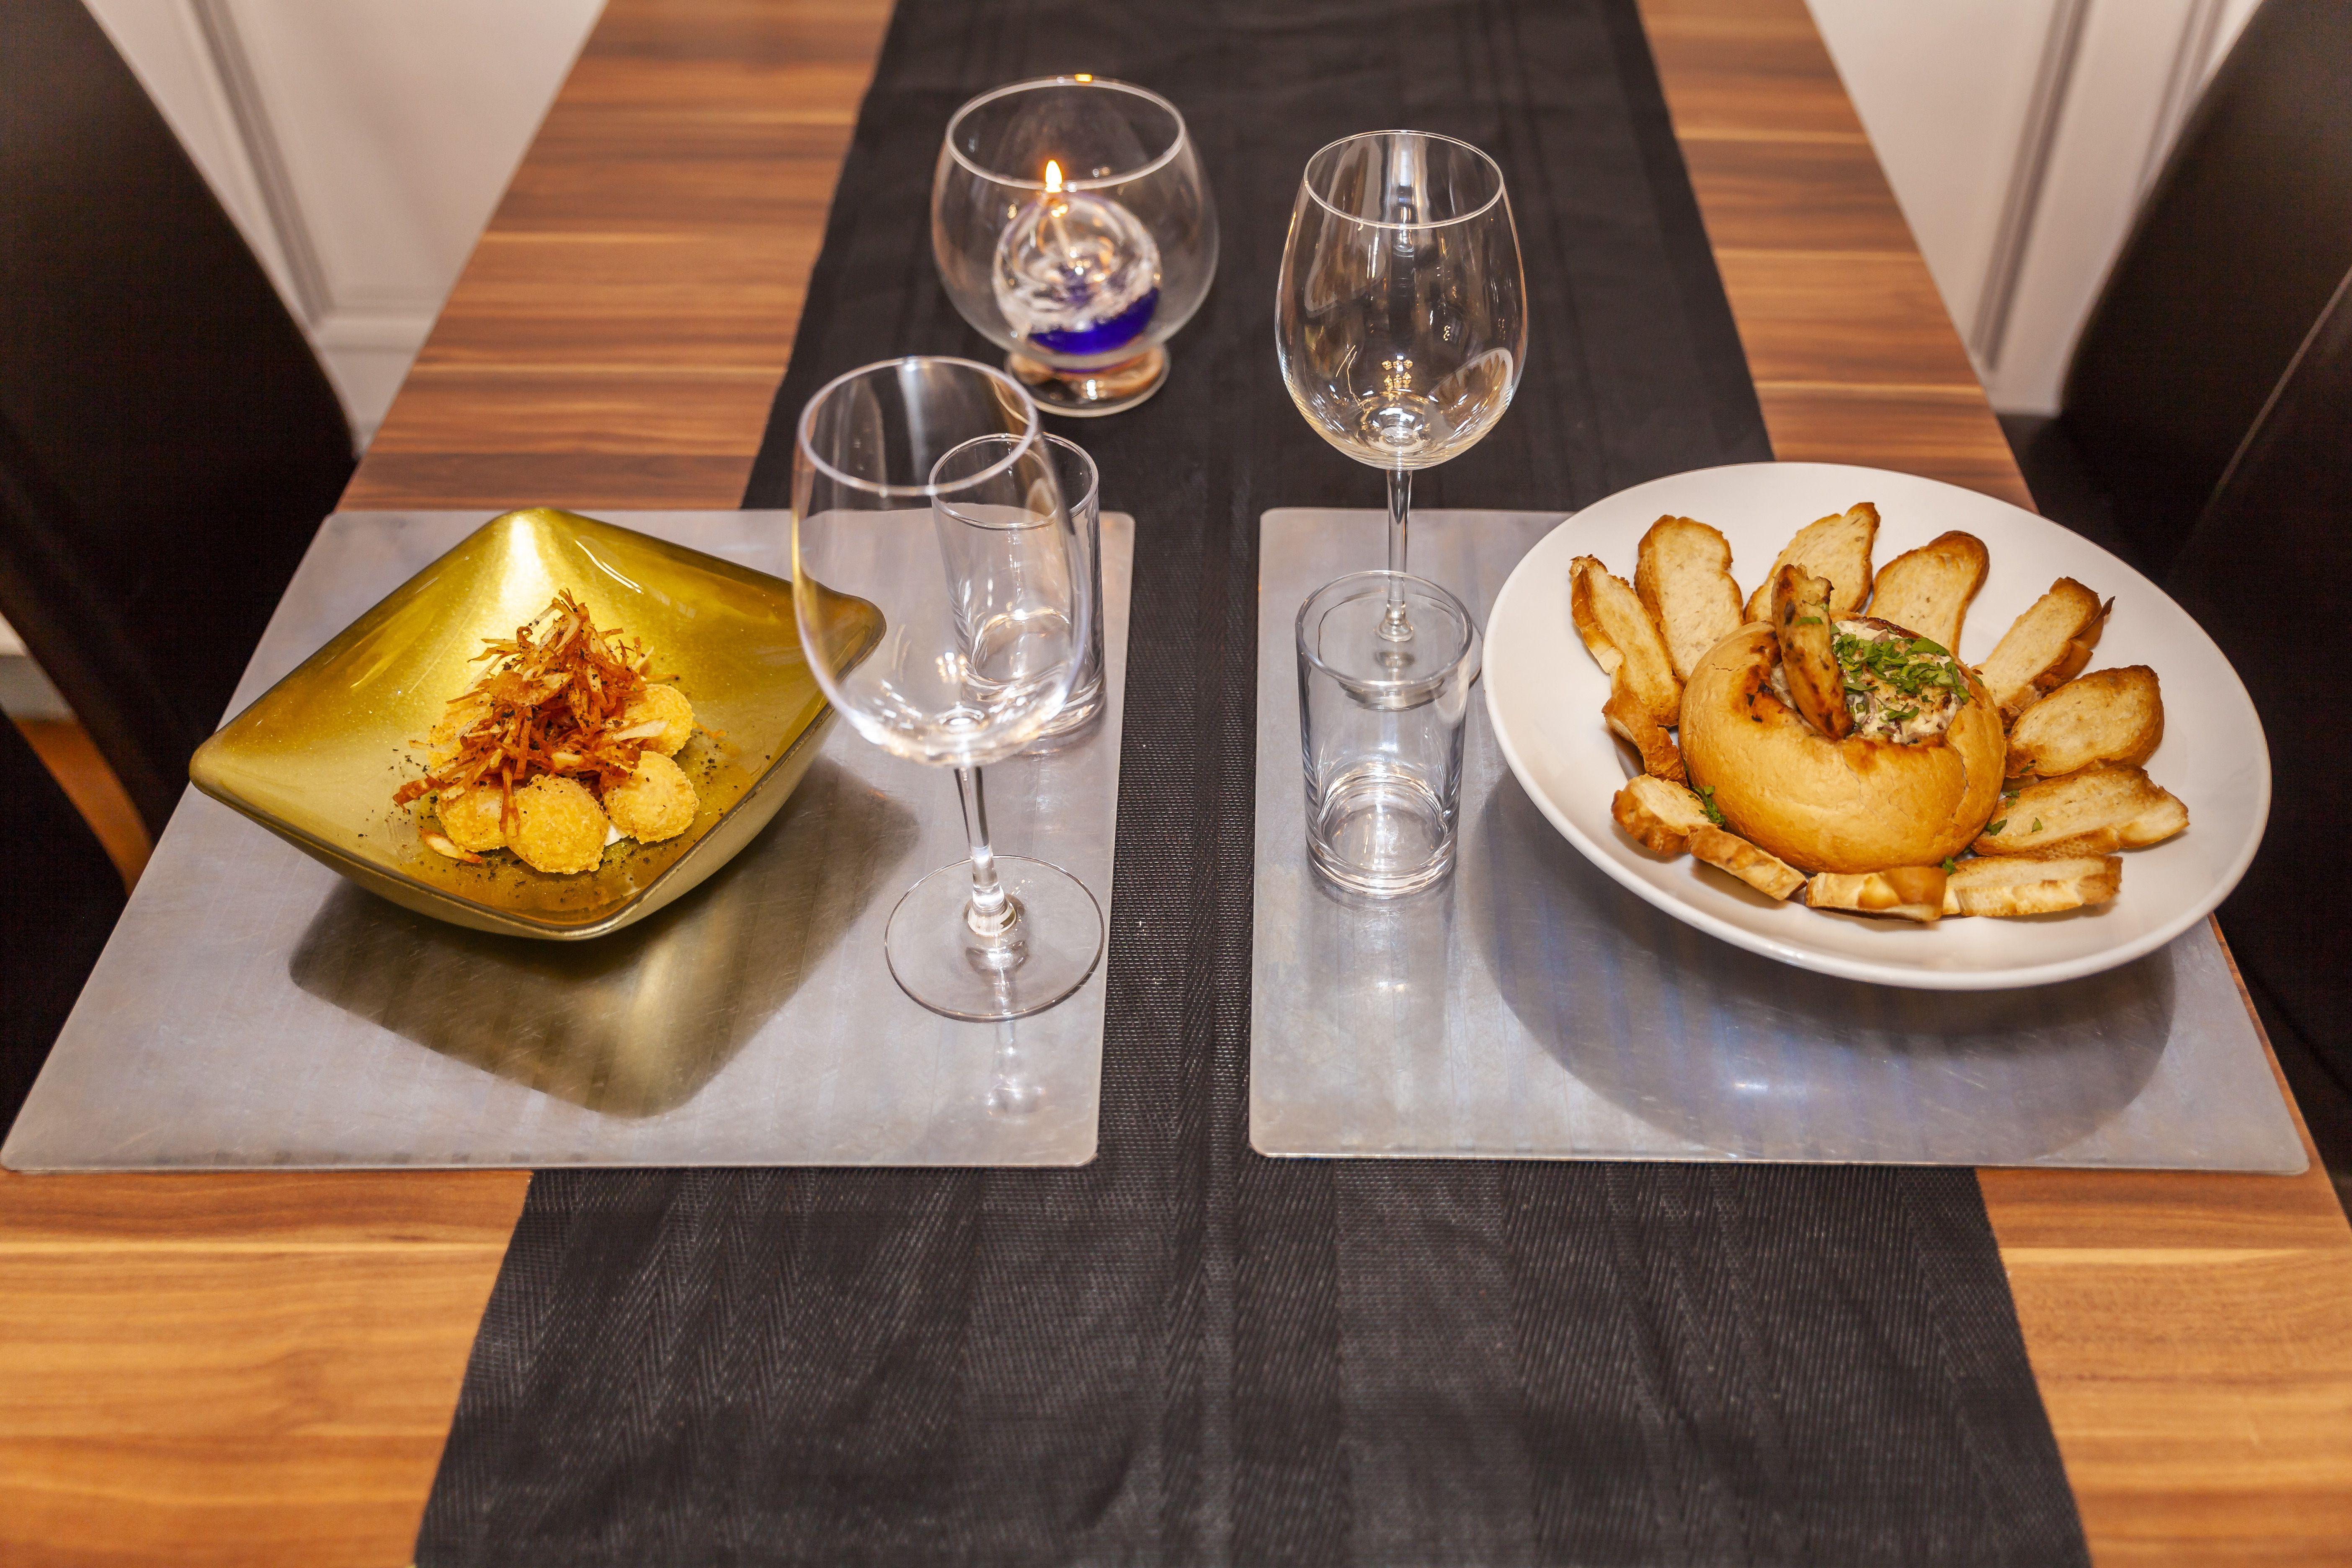 Comidas y cenas en Tasca la Cañada en La Orotava en Tenerife